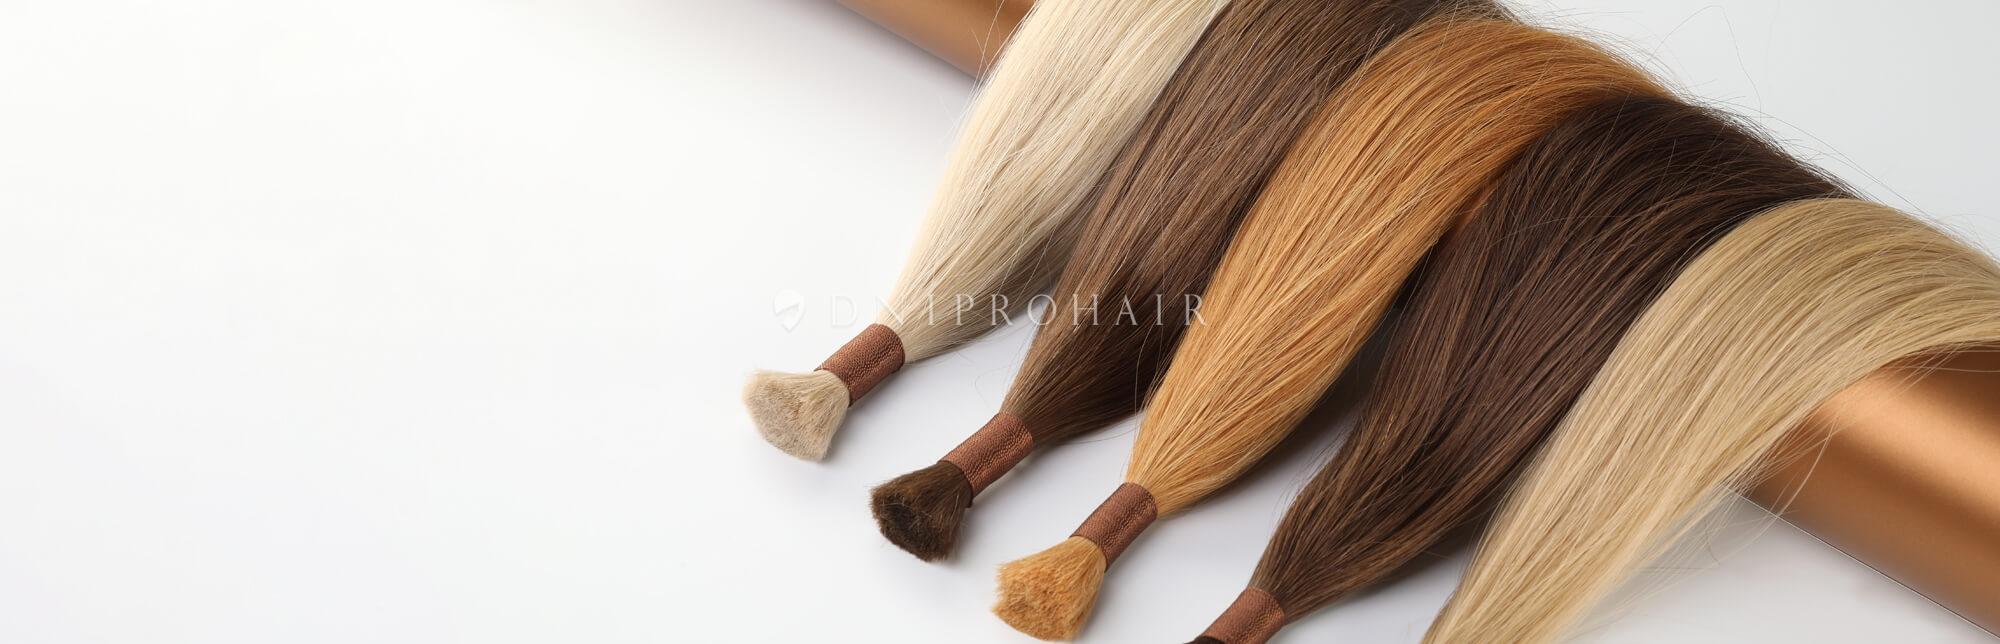 Славянские волосы высшего качества